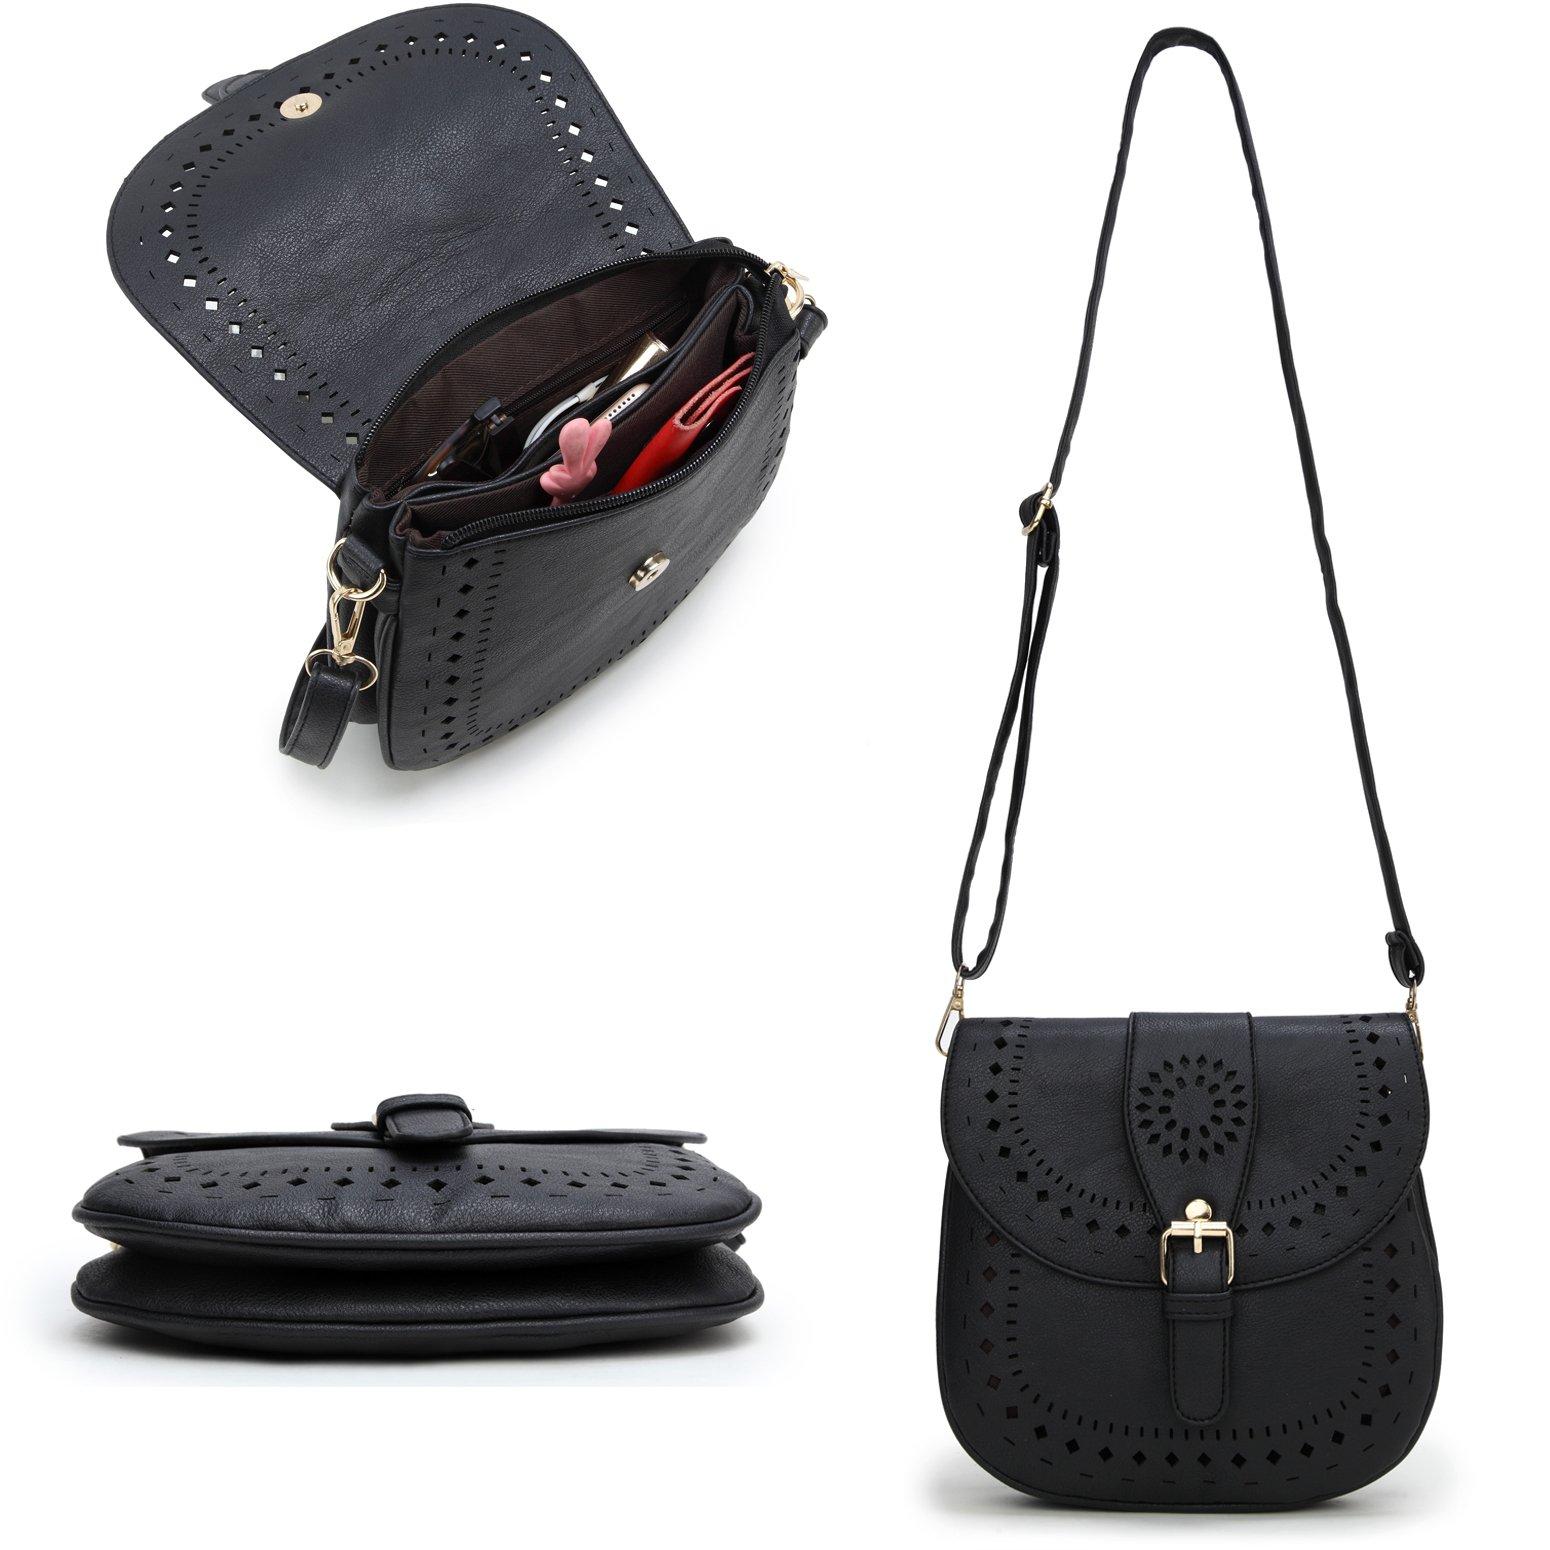 Forestfish Ladie's PU Leather Vintage Hollow Bag Crossbdy Bag Shoulder Bag (Black) by Forestfish (Image #5)